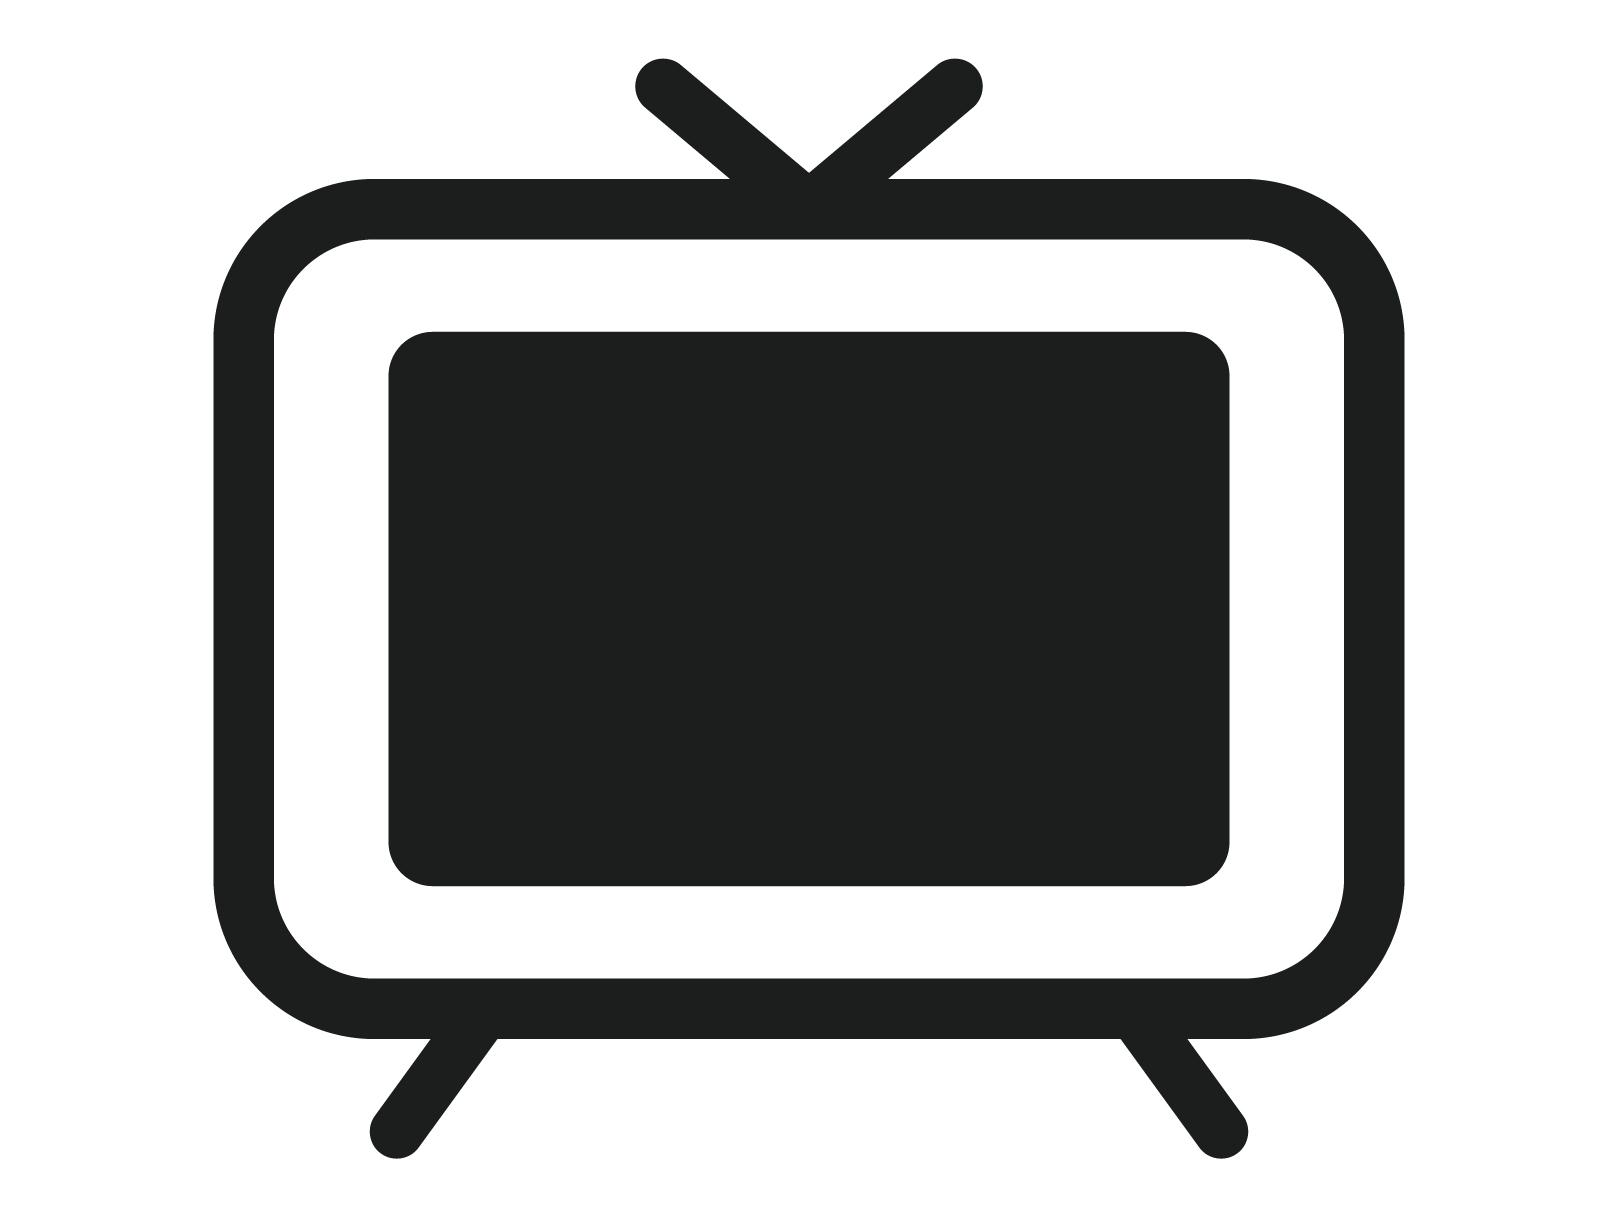 テレビに関する画像